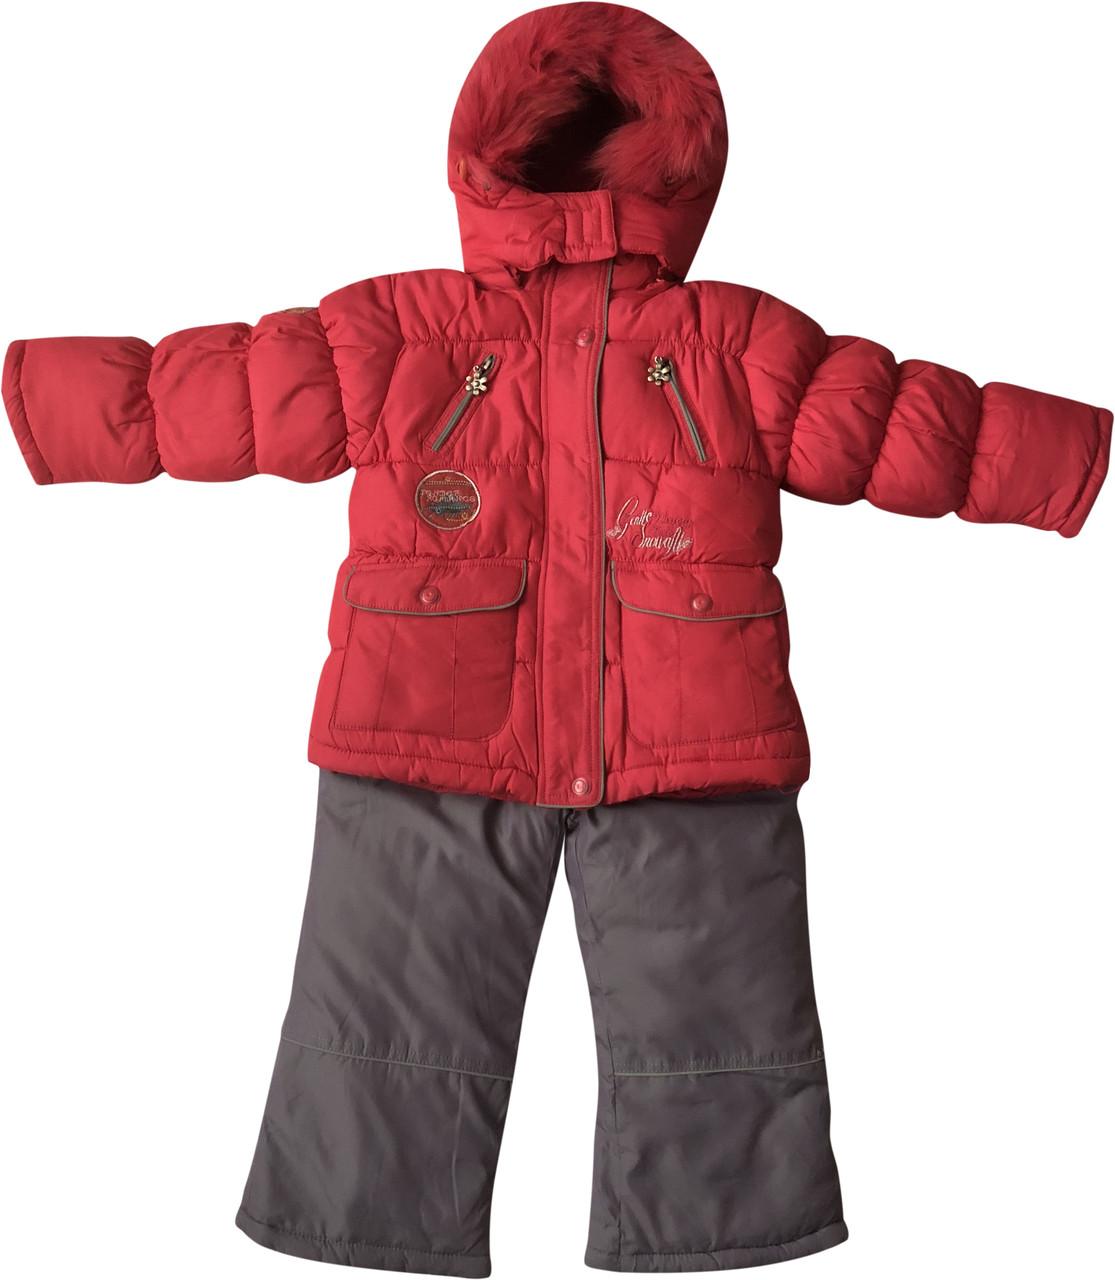 Детский зимний комбинезон на девочку рост 92 1,5-2 года для малышей детей раздельный холлофайбер красный